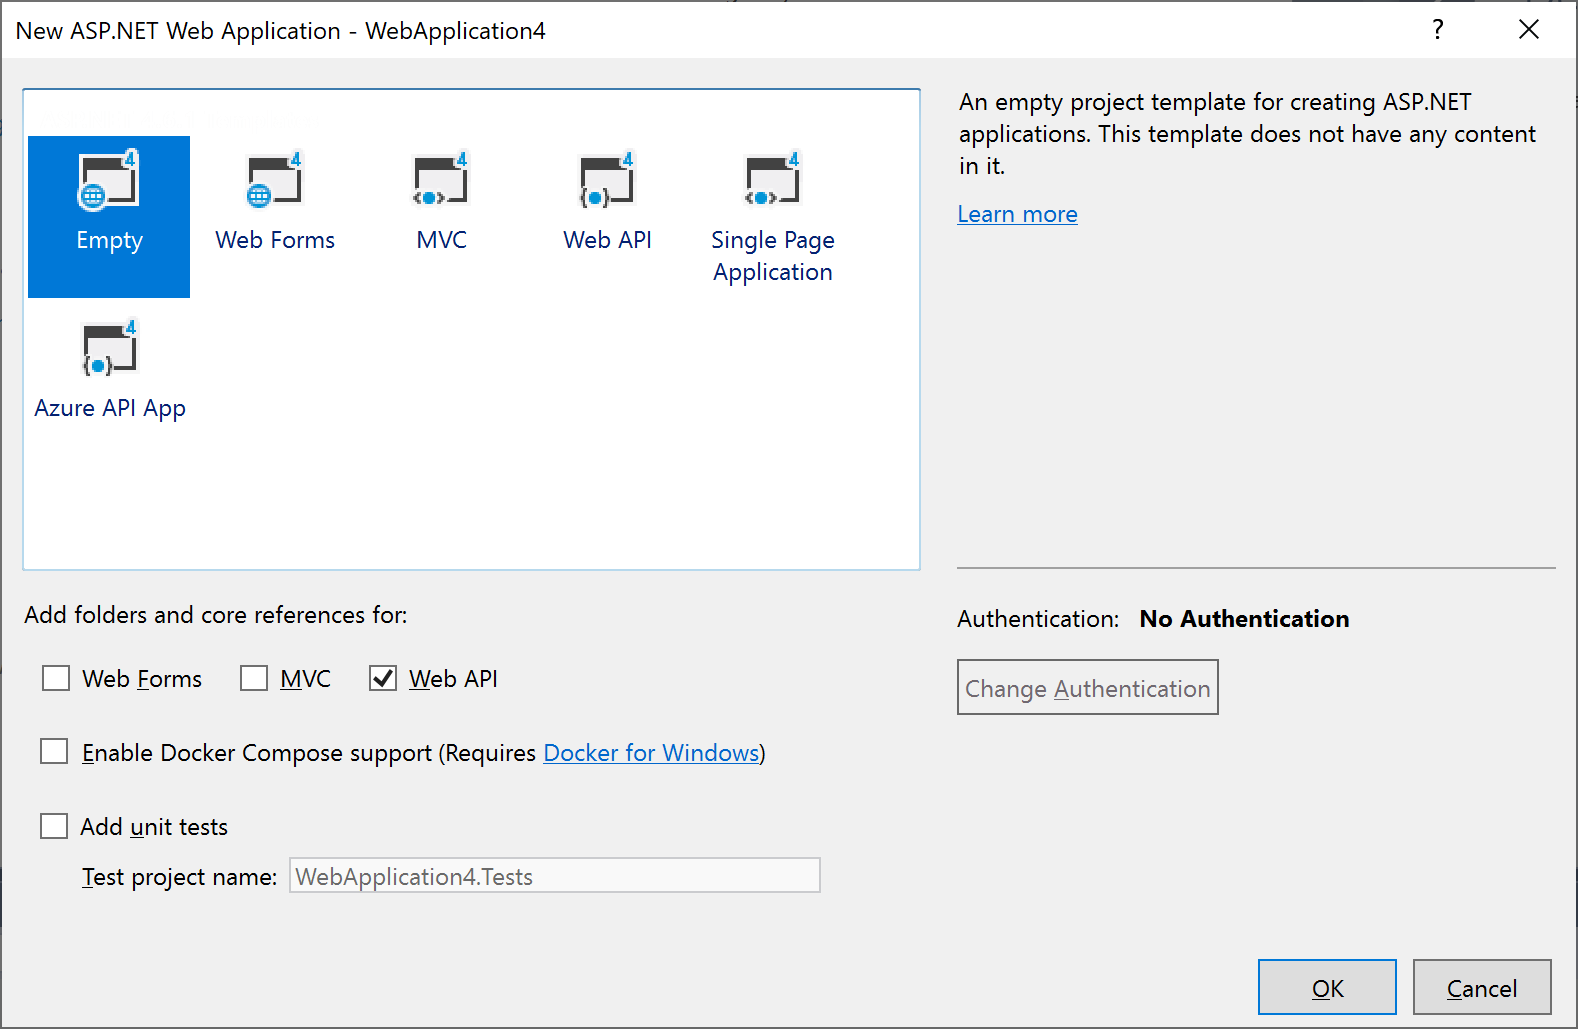 Permitindo solicitações entre origens na API Web ASP NET 2